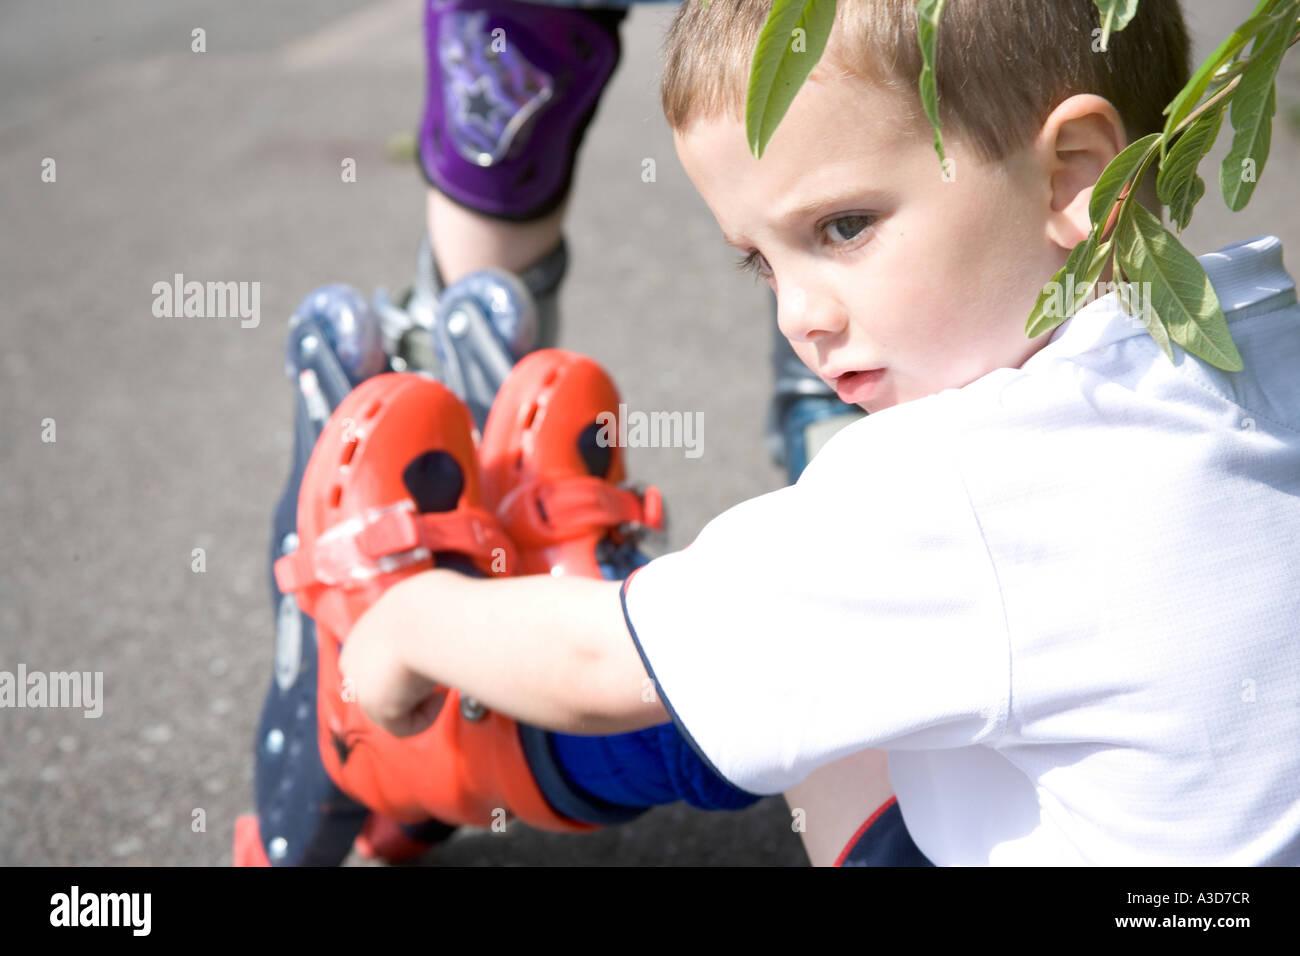 Junge auf rollerblades Stockbild